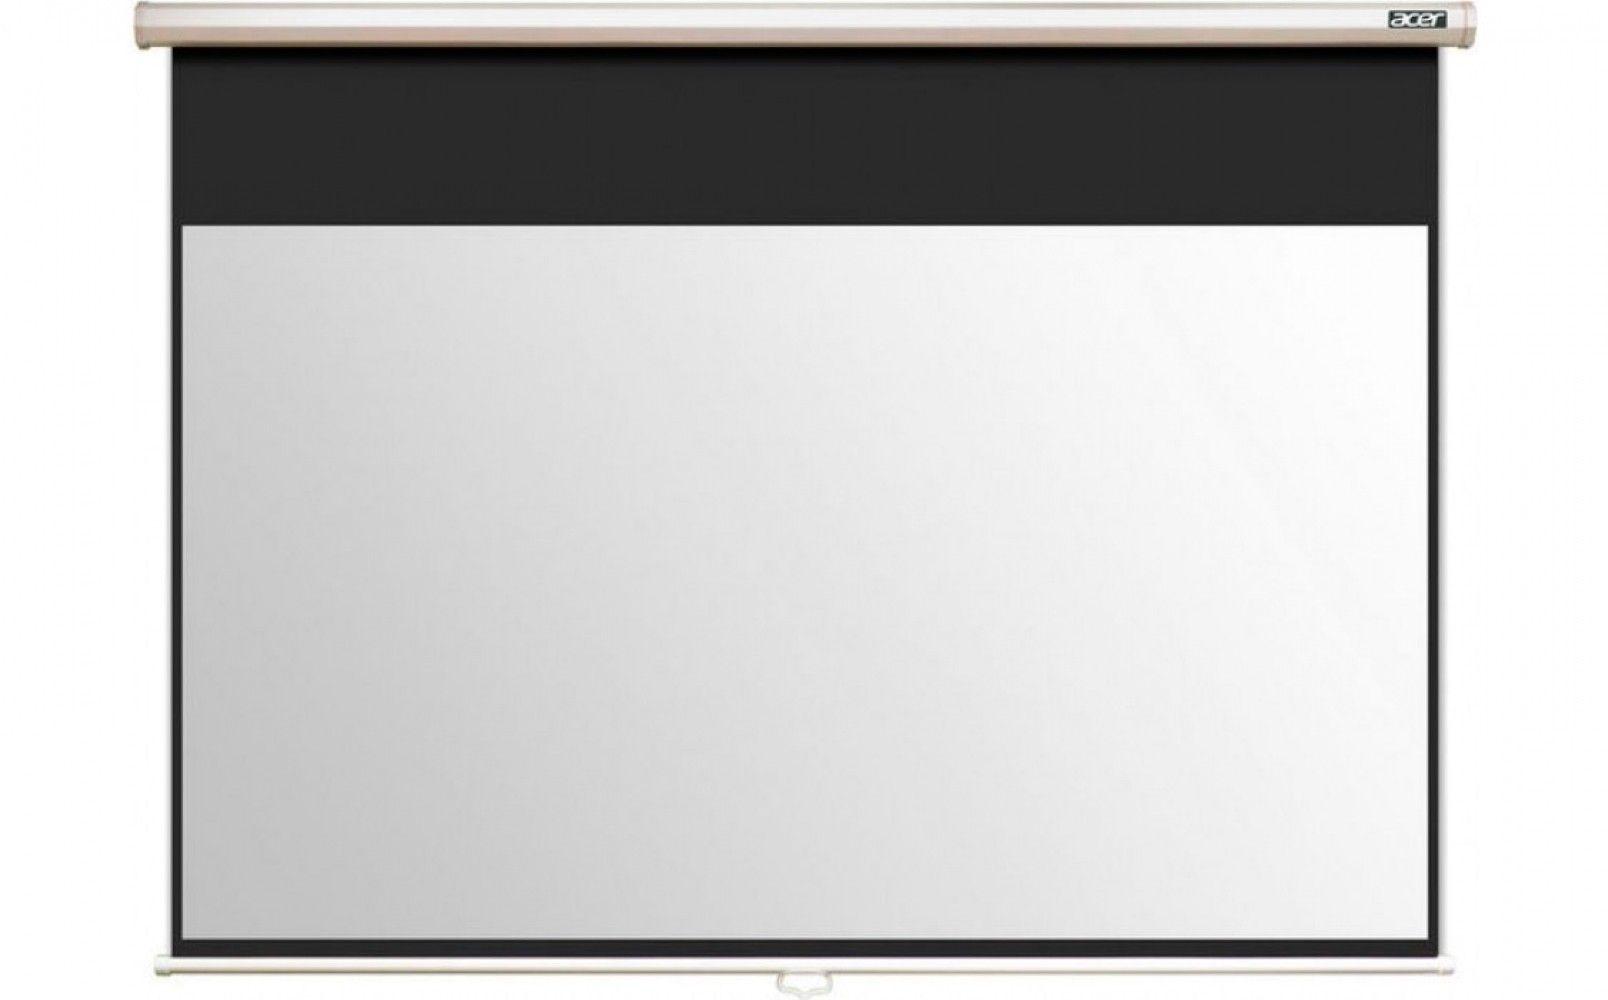 Купить Проекционный экран Acer M90-W01MG (MC.JBG11.001)